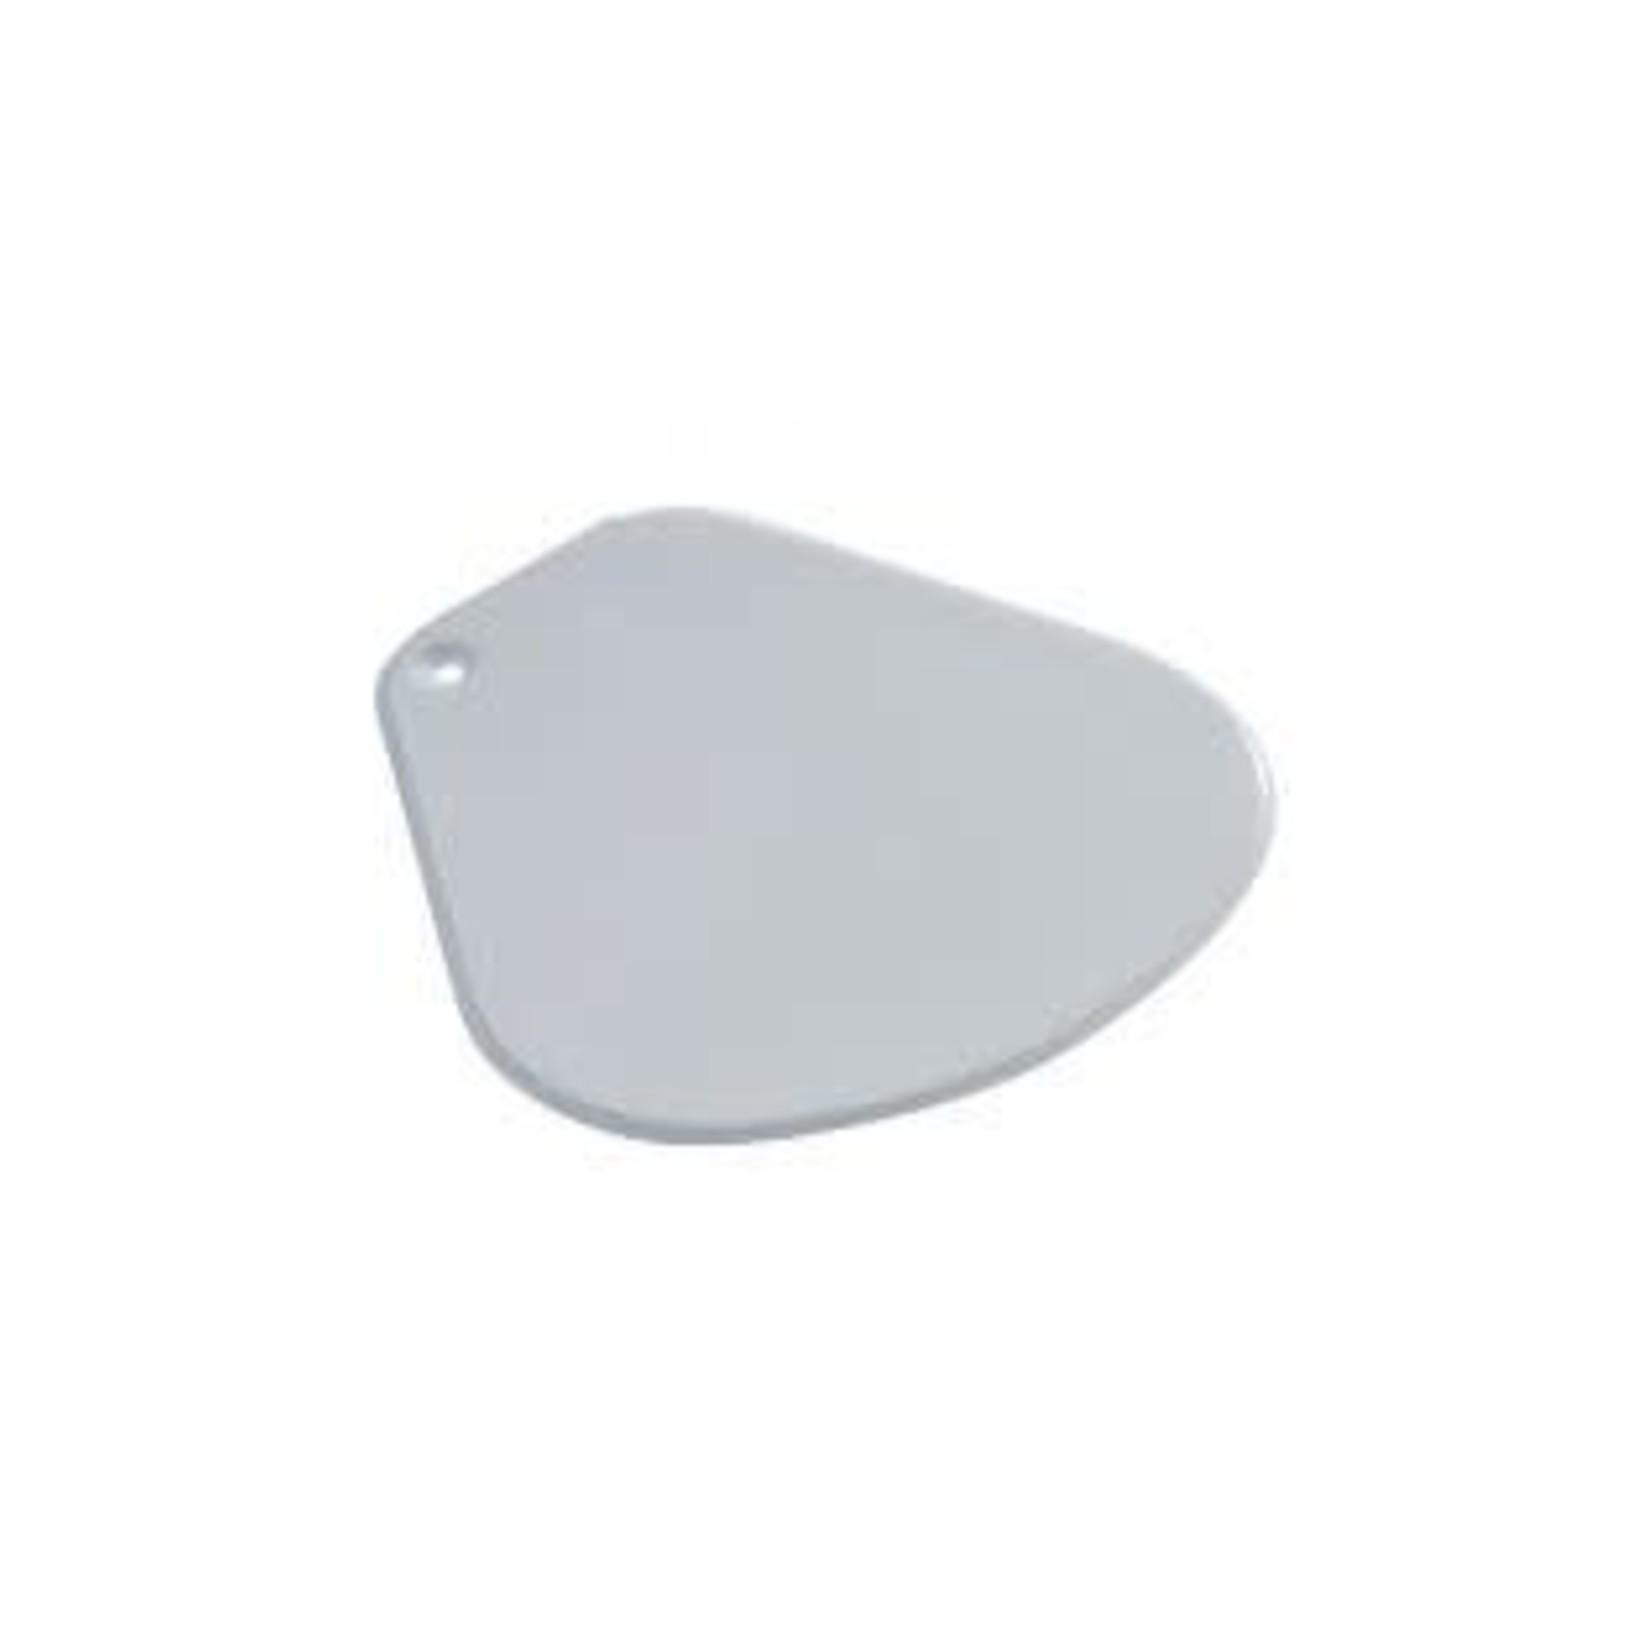 Martellato Deegschraper 50RTV2 wit zacht 15x15cm